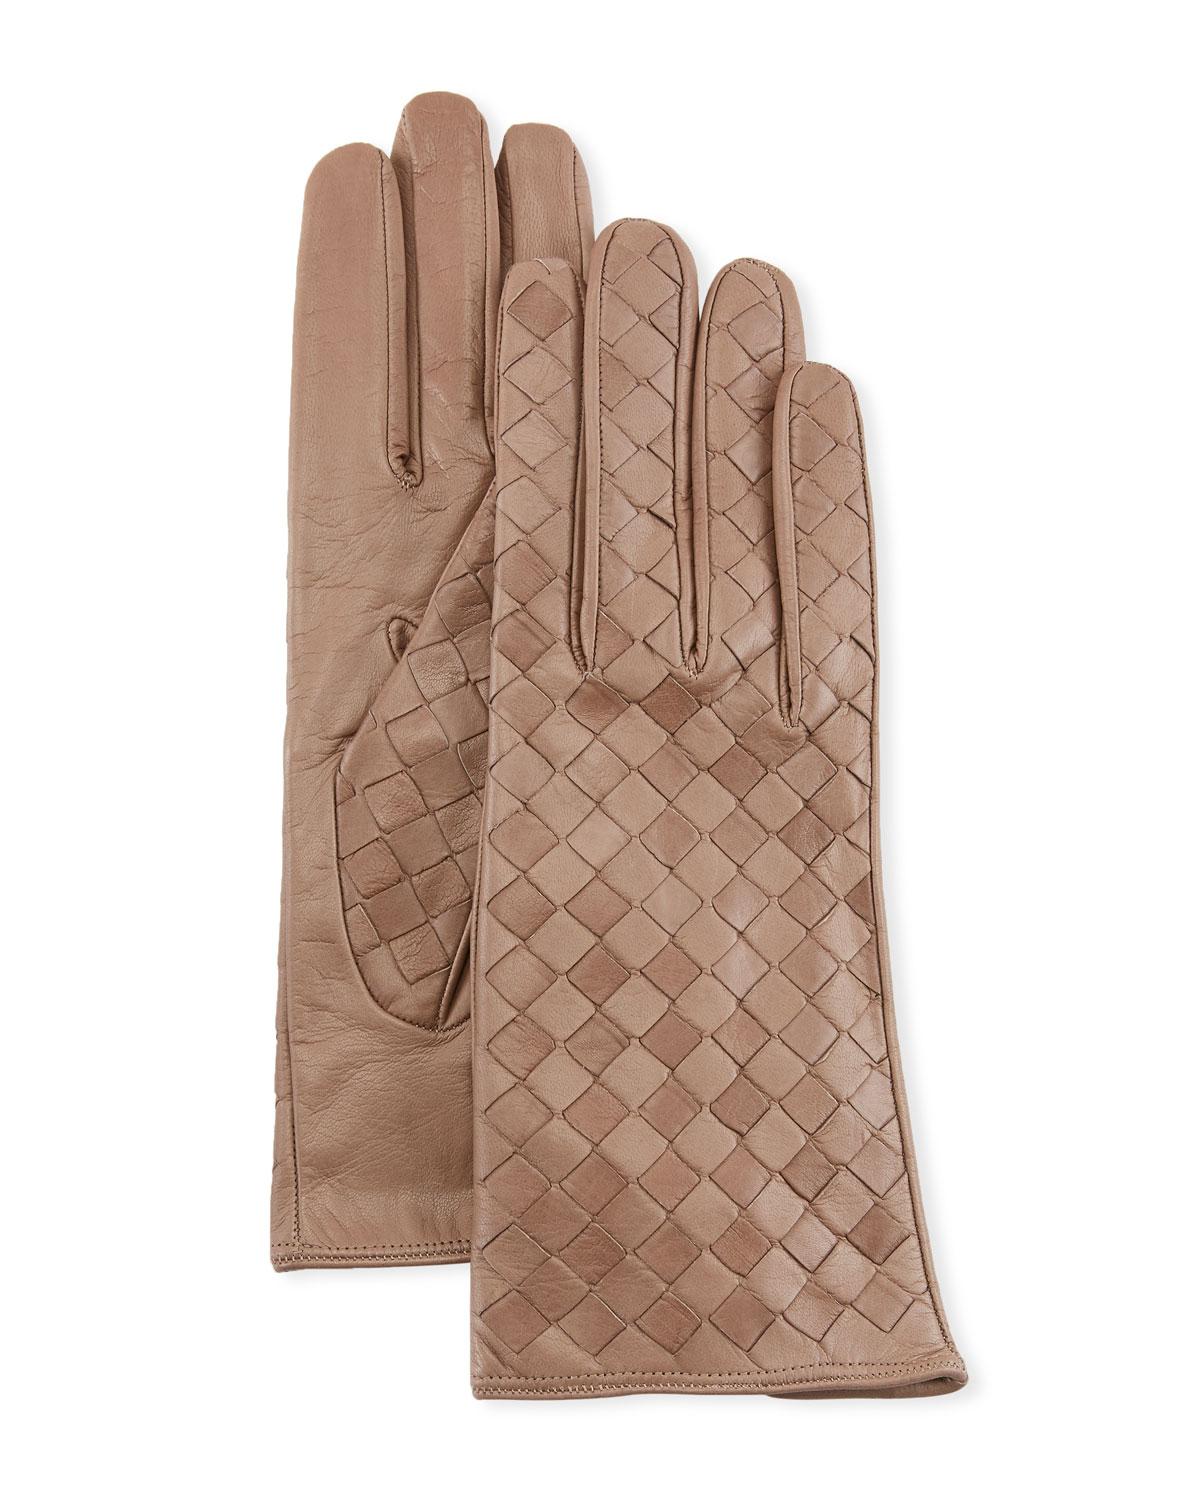 Woven Lambskin Leather Gloves